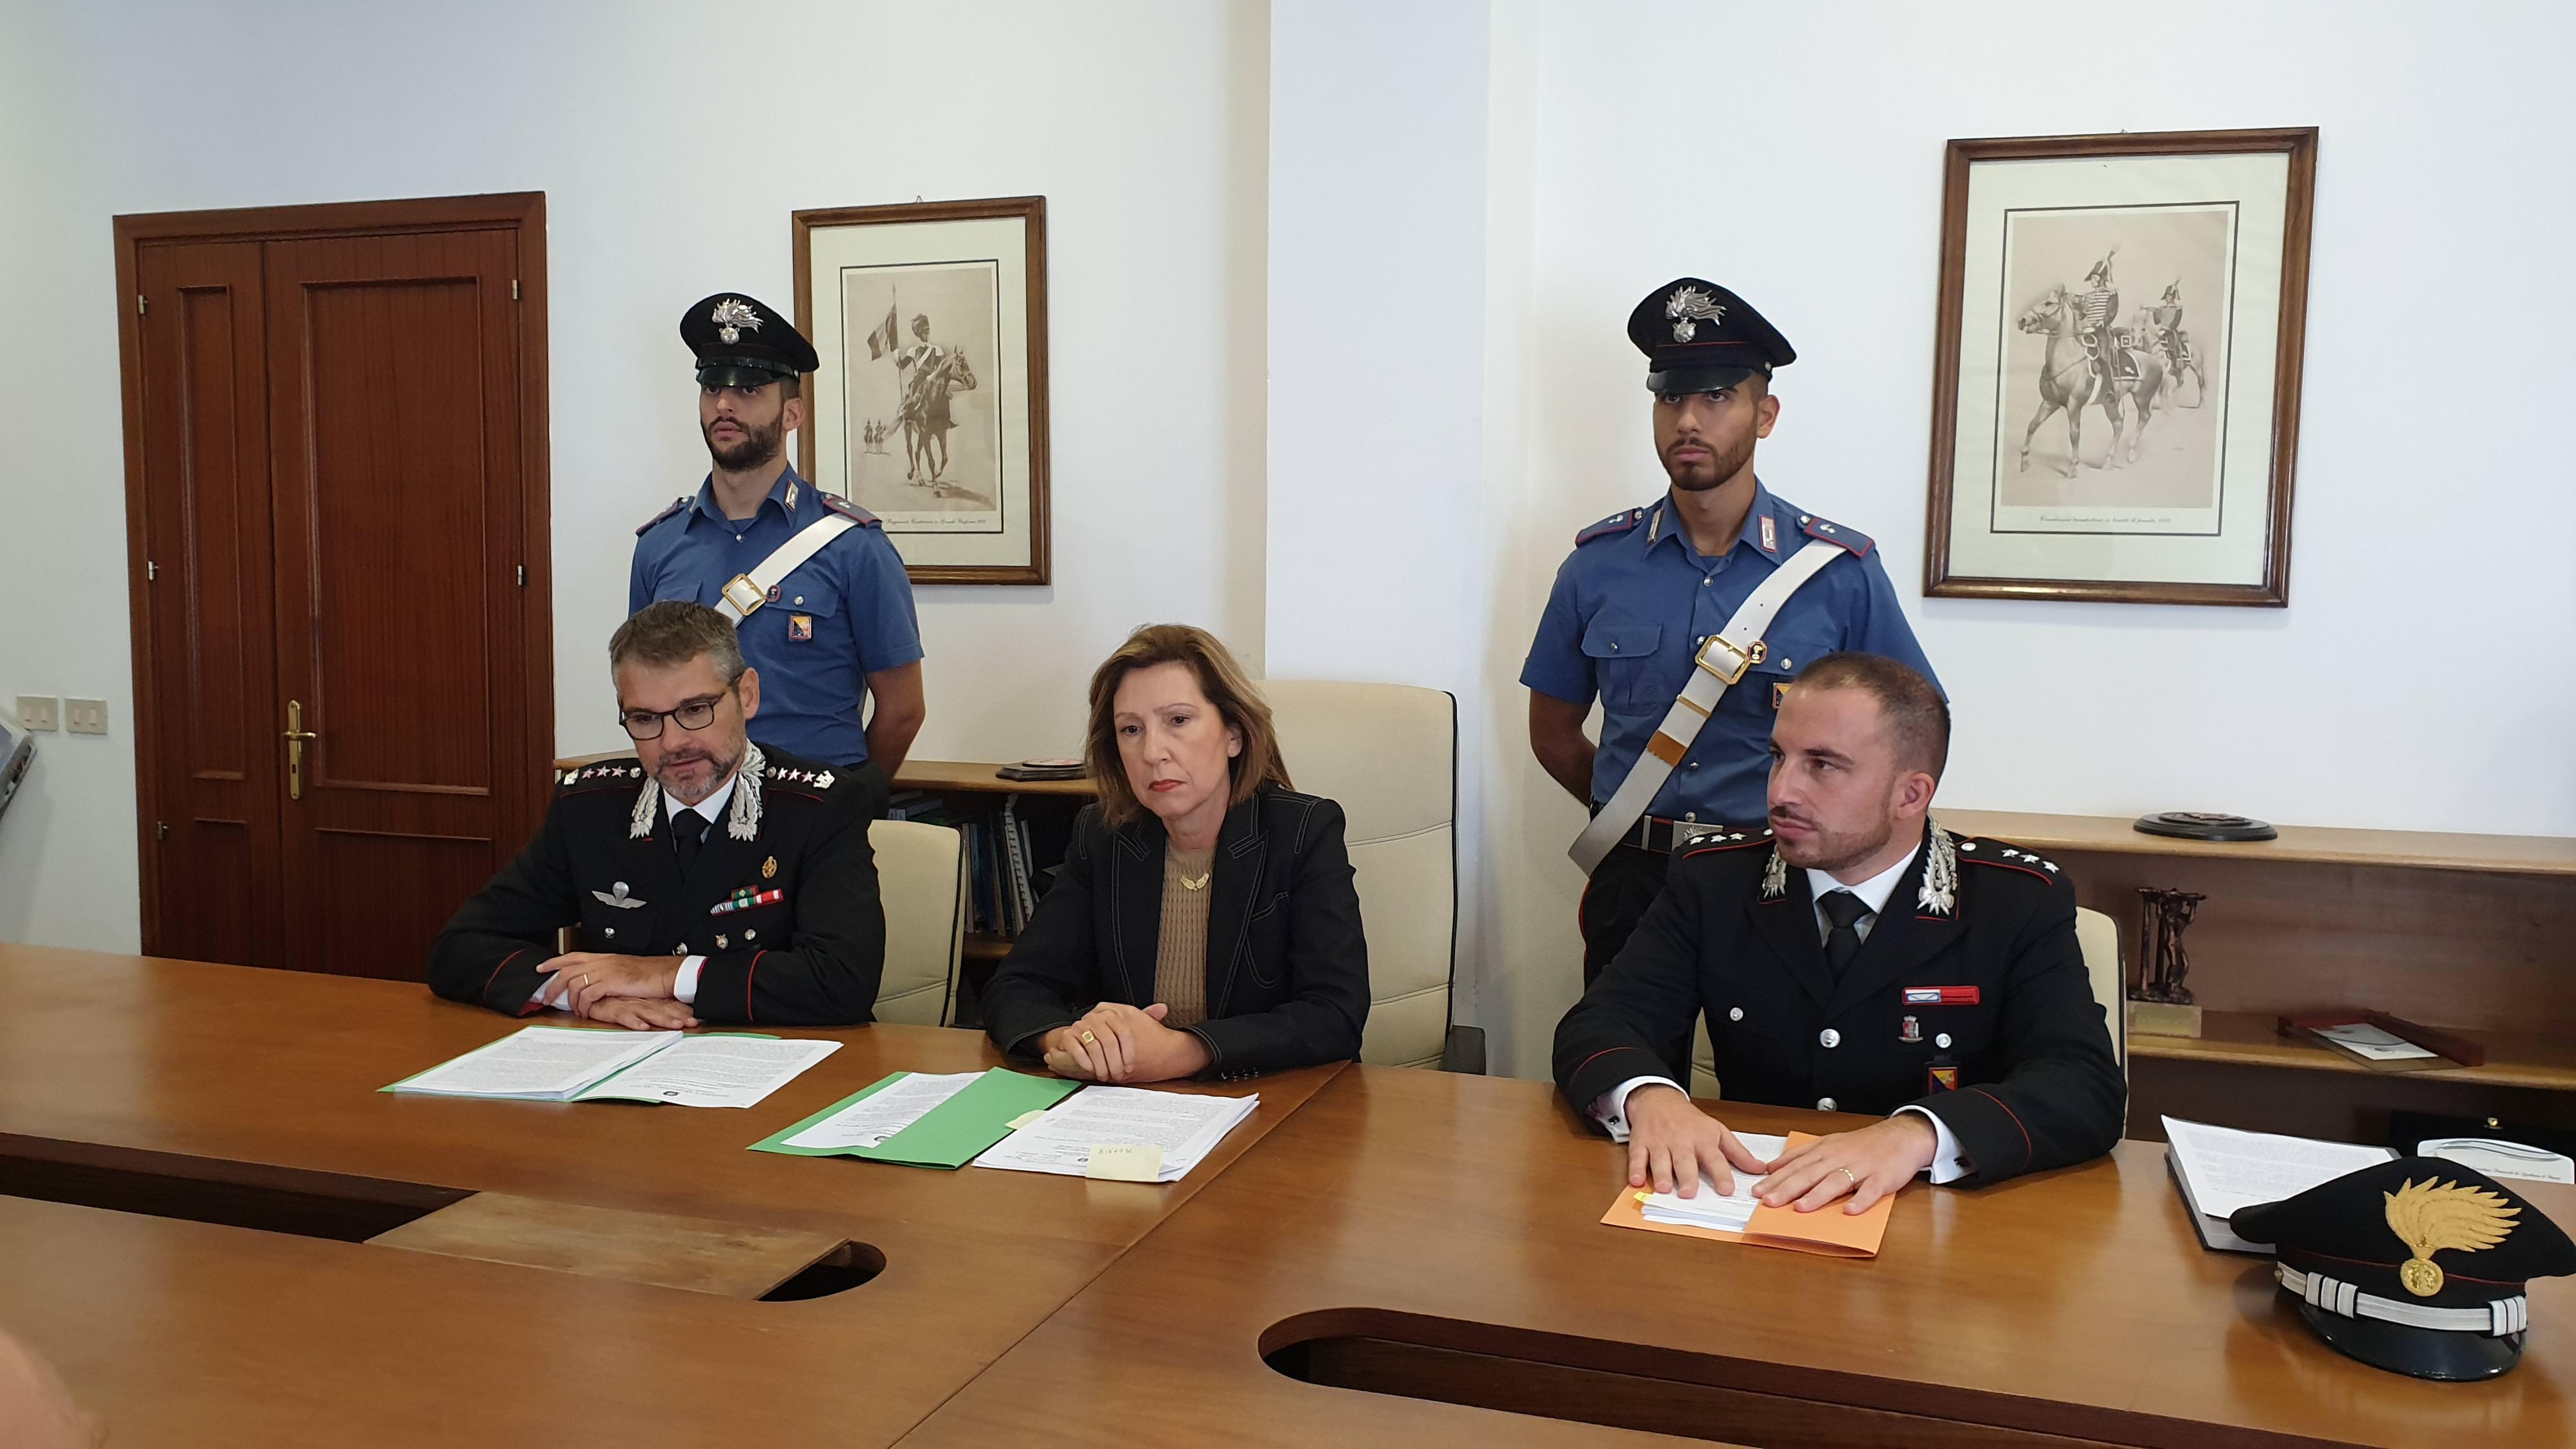 """Tentarono di uccidere pregiudicato per mafia, arrestati sicari del clan Giostra: """"Temibile vocazione criminale"""""""